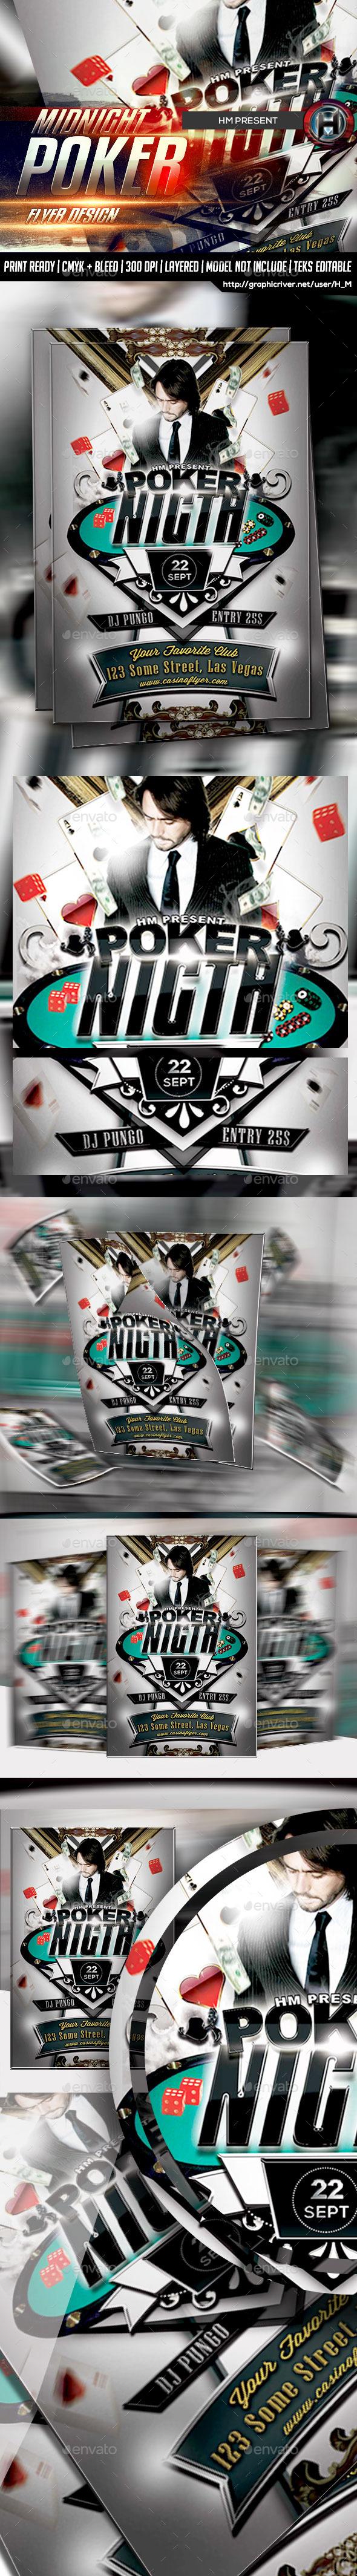 Poker Night Flyer Design